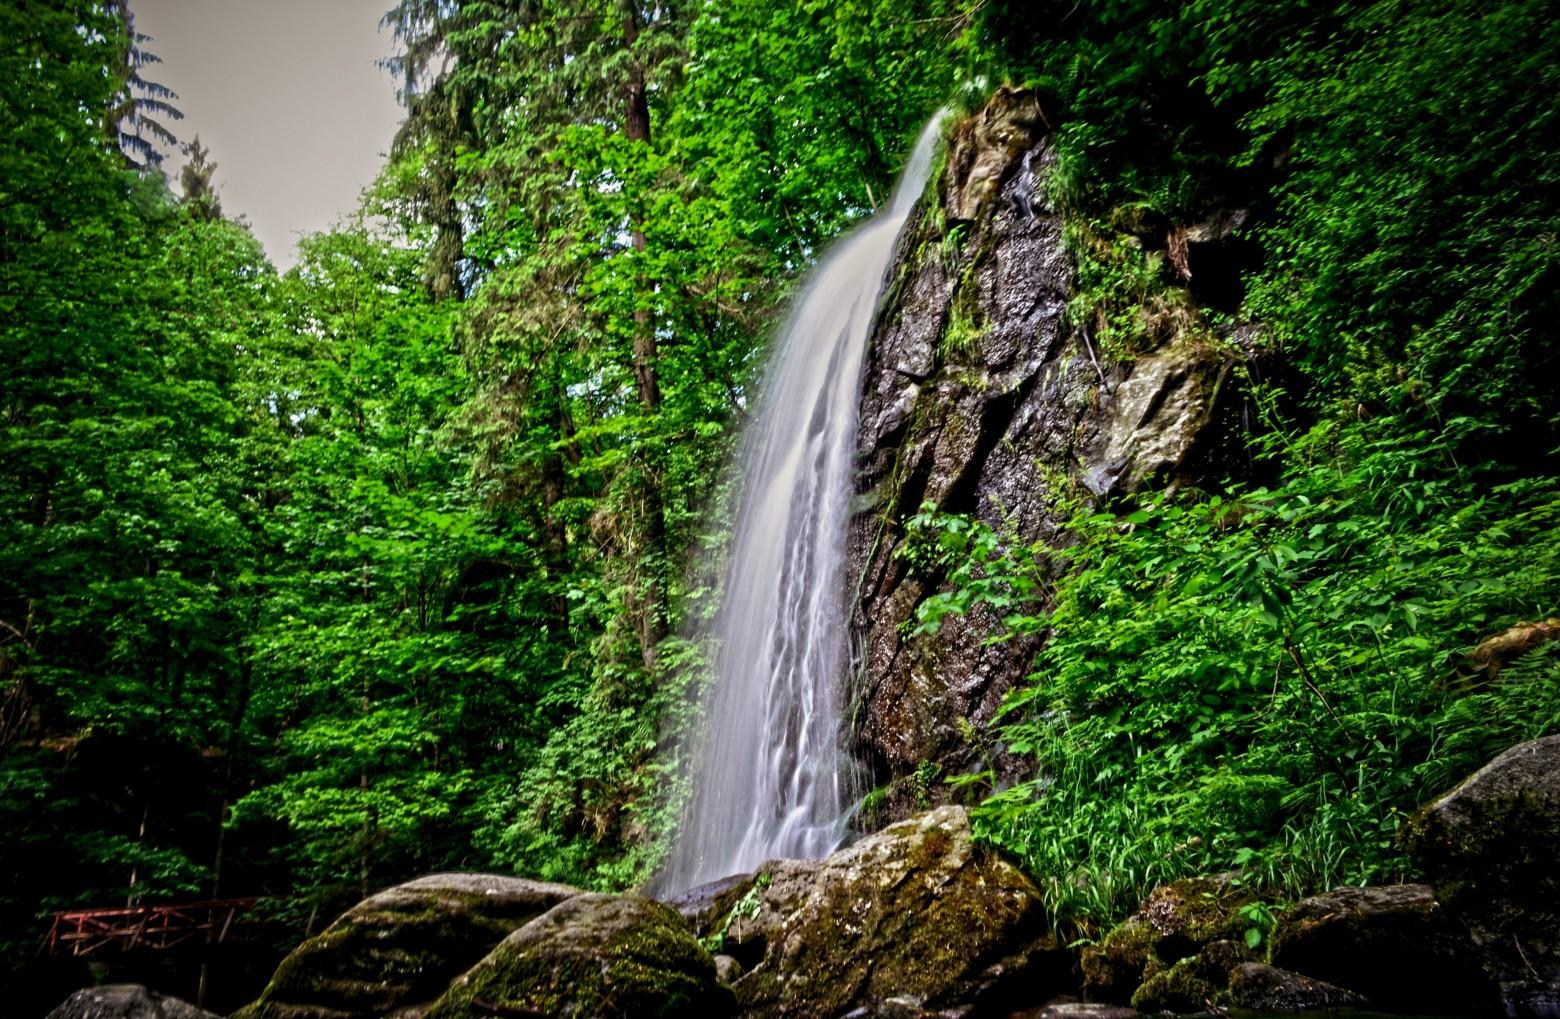 cascade chute d eau photo gratuite libre de droit